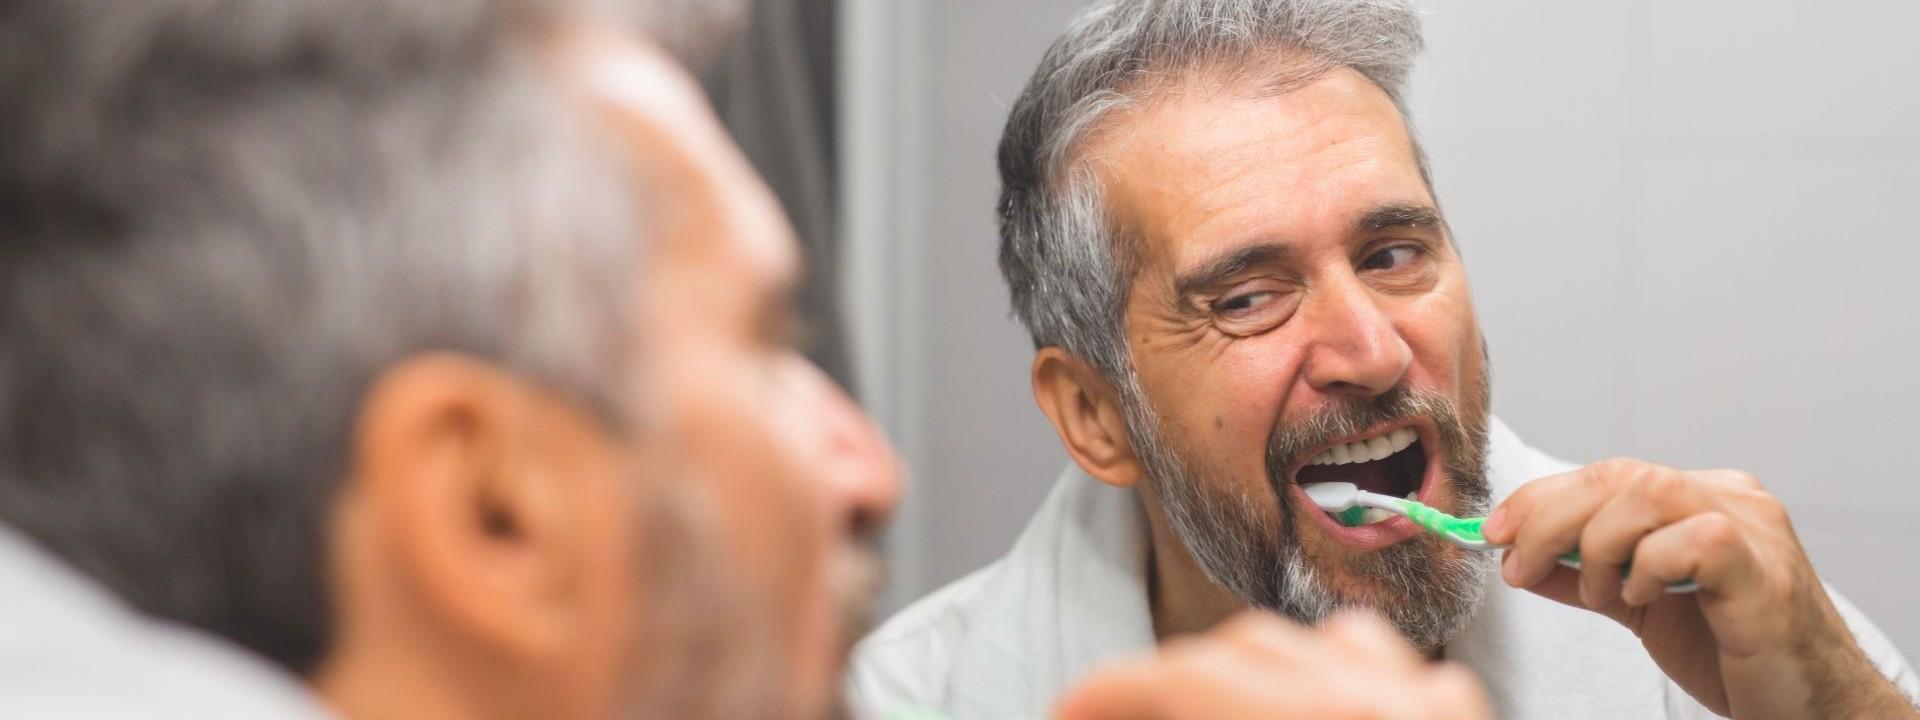 Ein etwa 45 jähriger Mann steht vor einem Spiegel im Bd und putzt sich intensiv mit einer Handzahnbürste die Zähne.